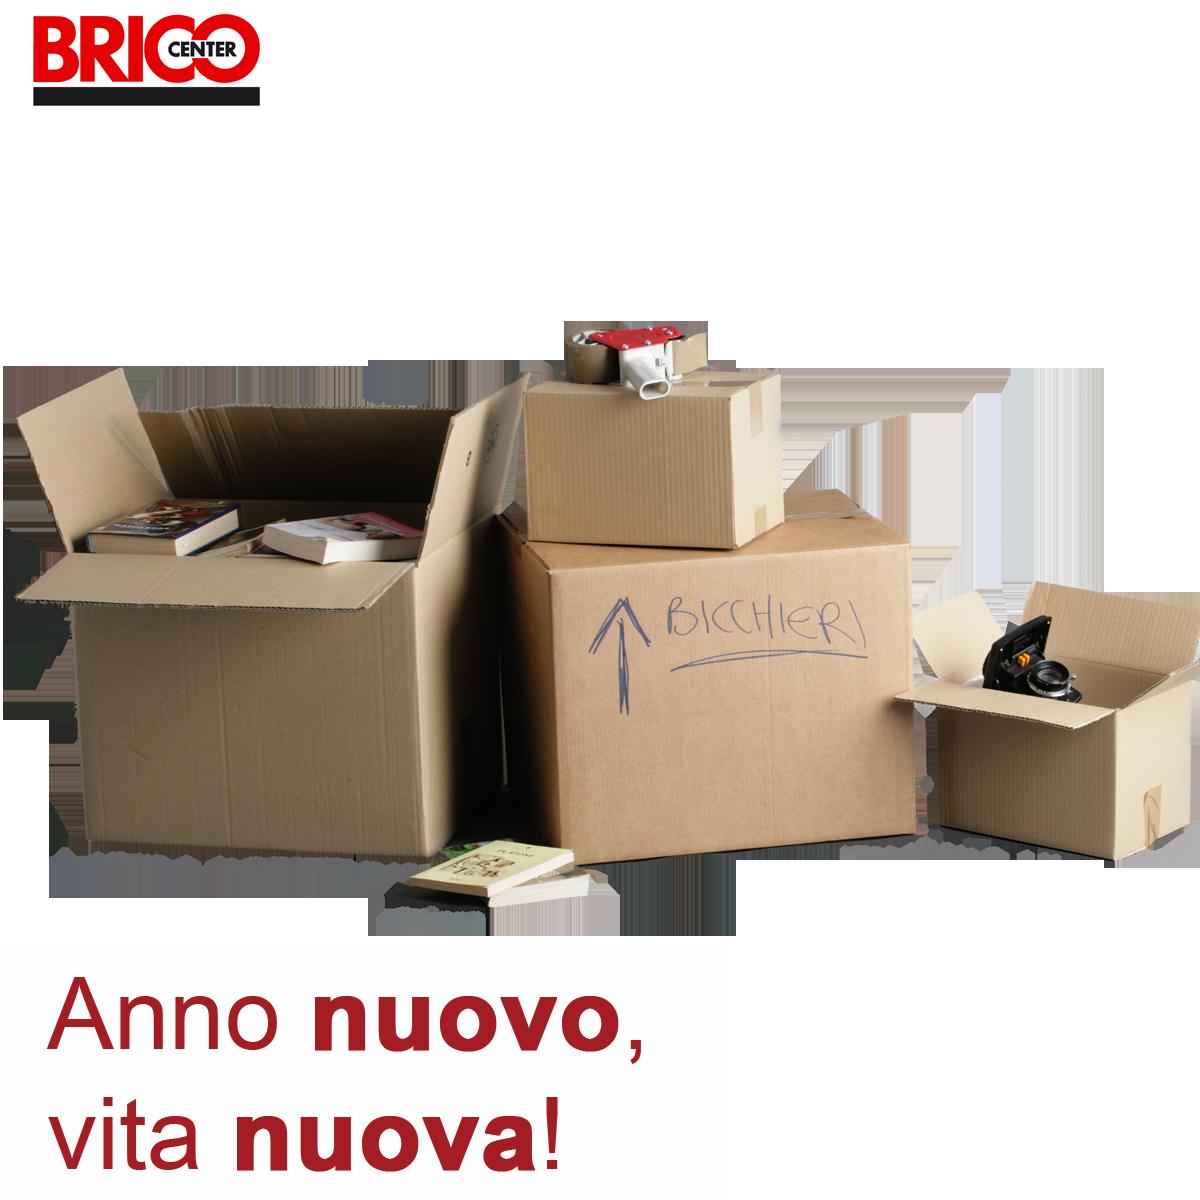 Bricocenter on Twitter: #Trasloco? Non dimenticate: scatole di ...